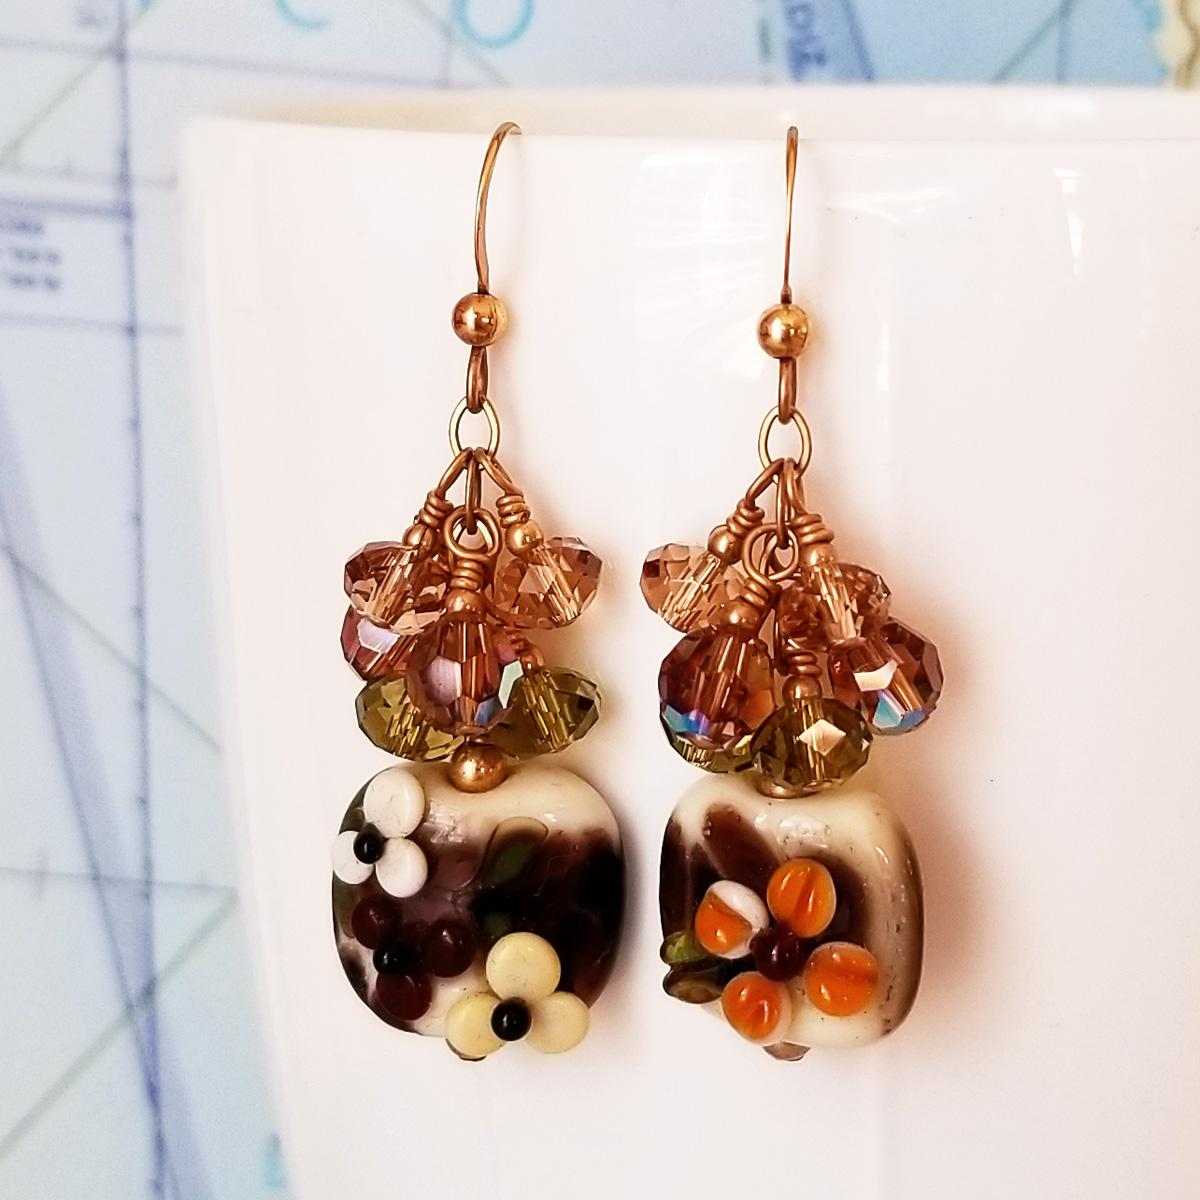 Golden Garnet Sunset Lampwork and Crystal Earrings